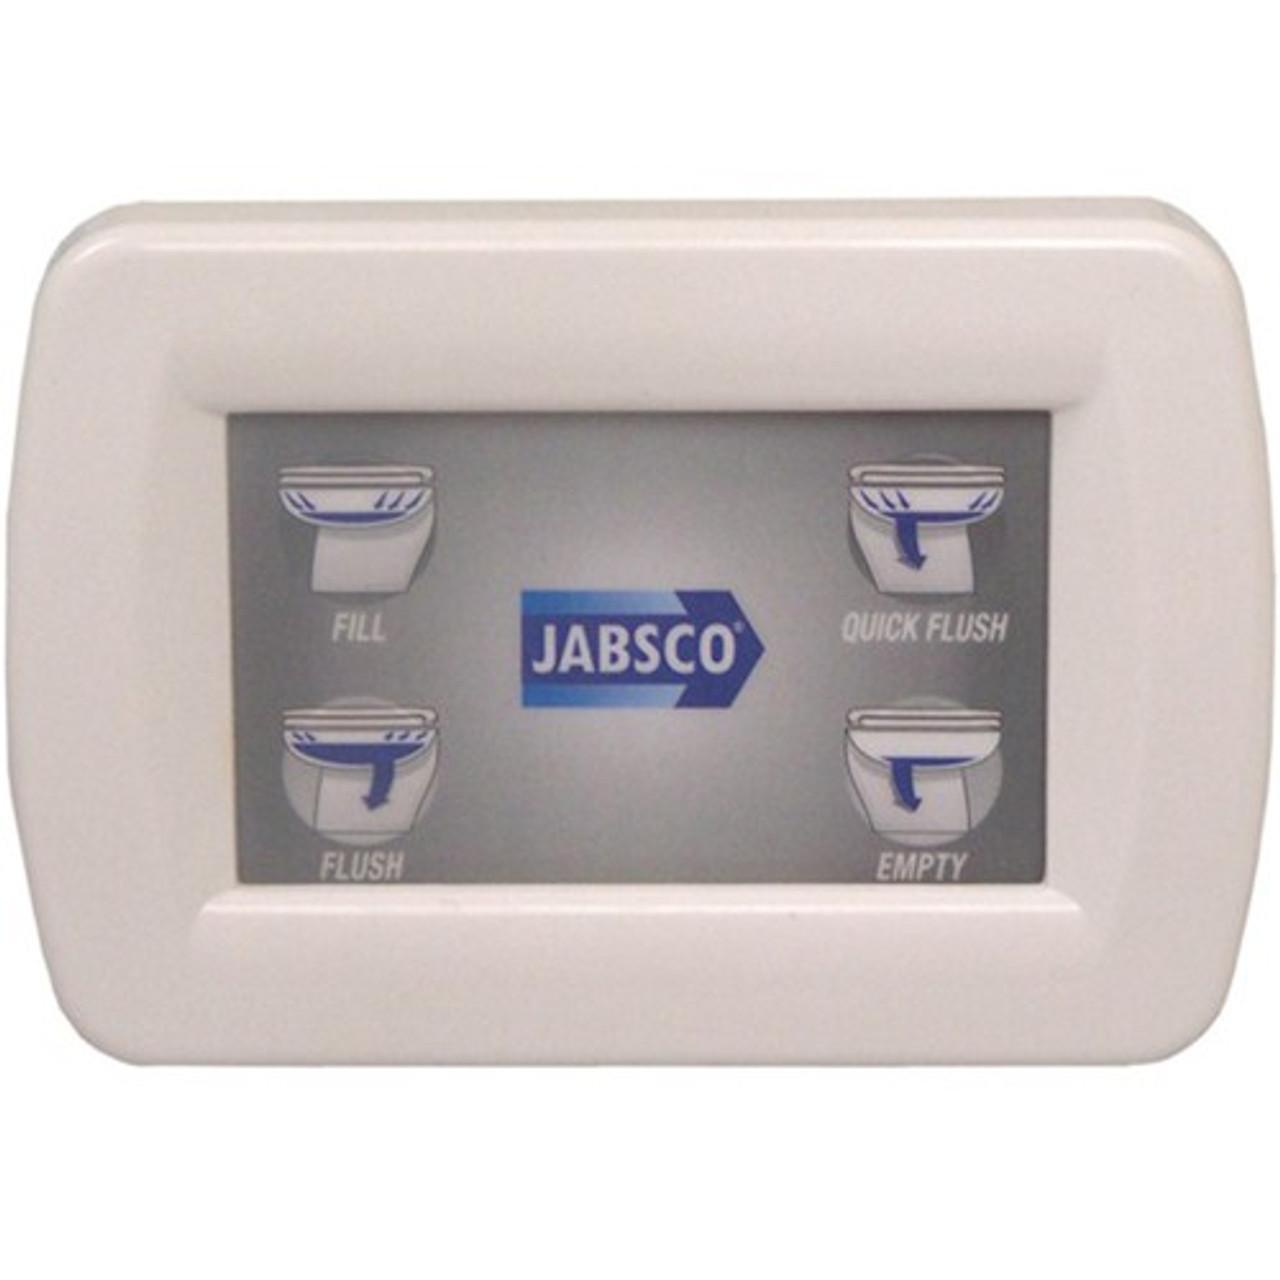 Jabsco Deluxe Silent Flush Controller Kit and Panel